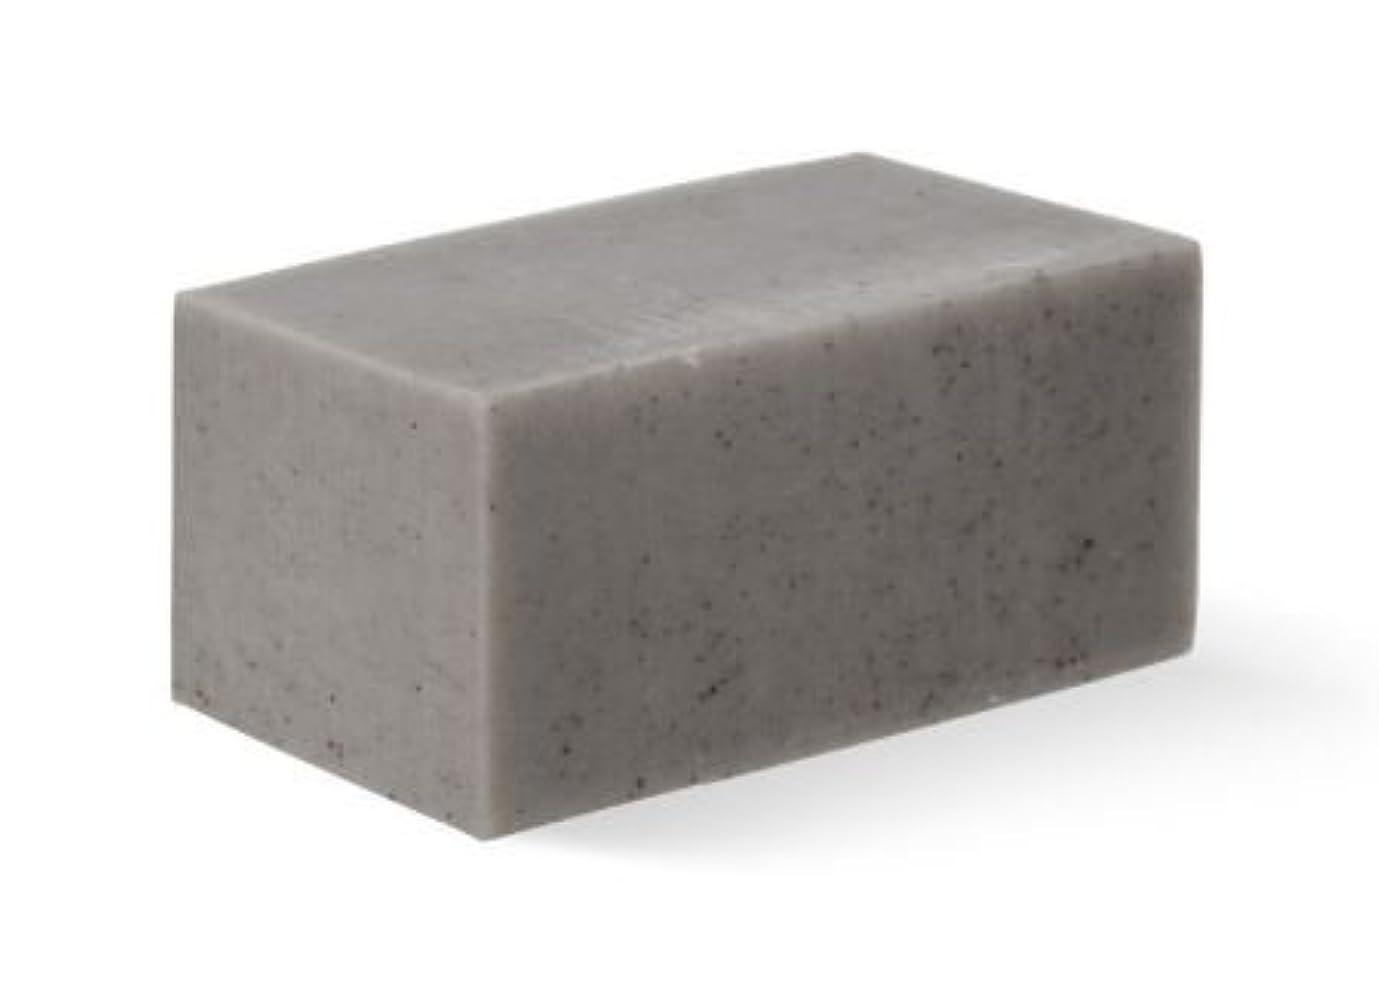 運賃ラインナップ試用[Abib] Facial Soap grey Brick 100g/[アビブ]フェイシャルソープグレー ブリック100g [並行輸入品]